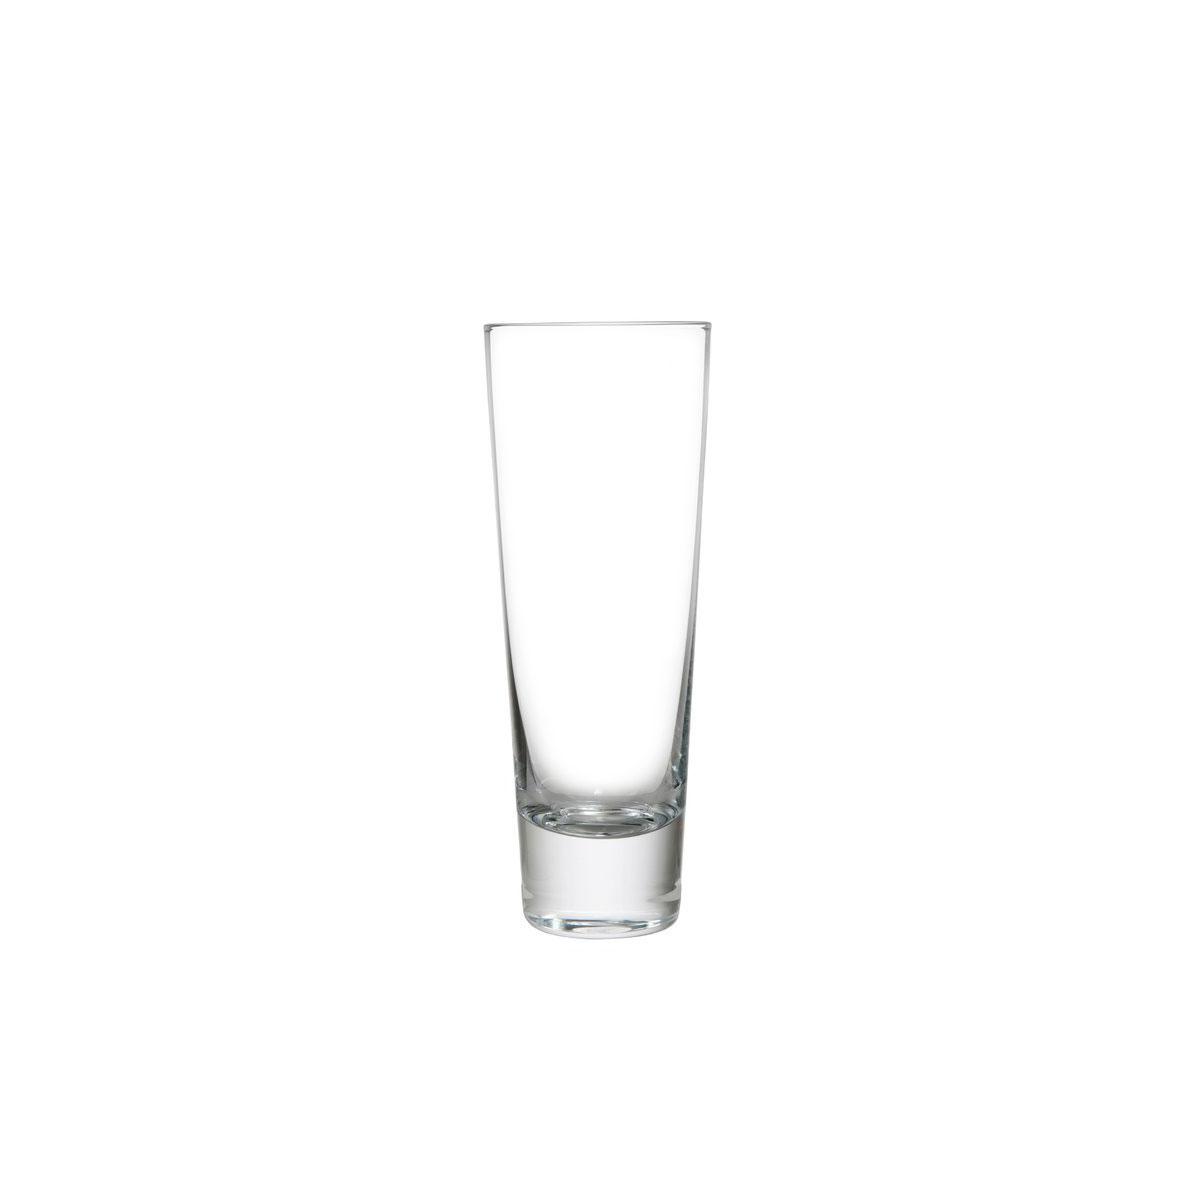 Schott Zwiesel Tossa Long Drink XL Glass, Single